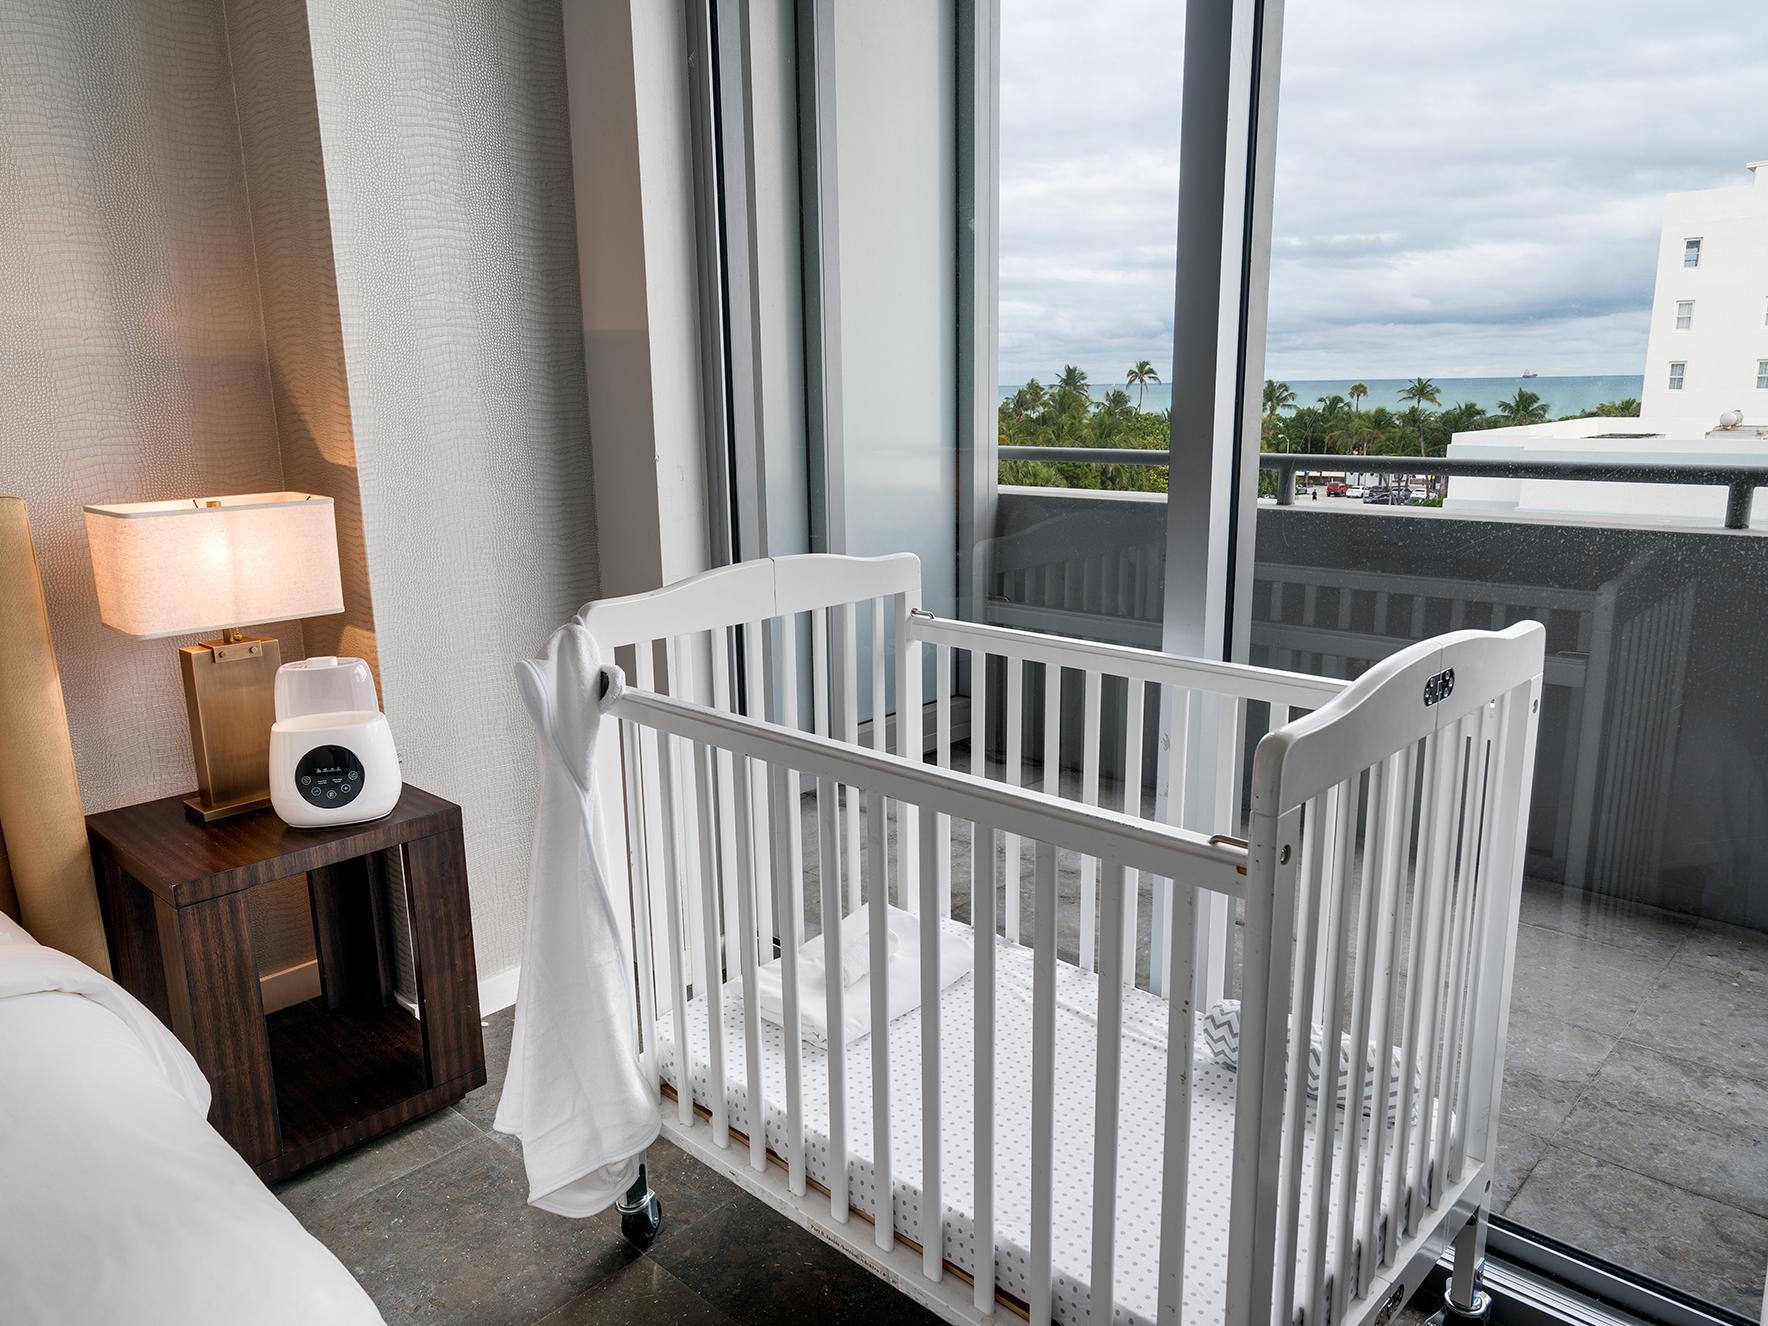 crib near bed in bedroom